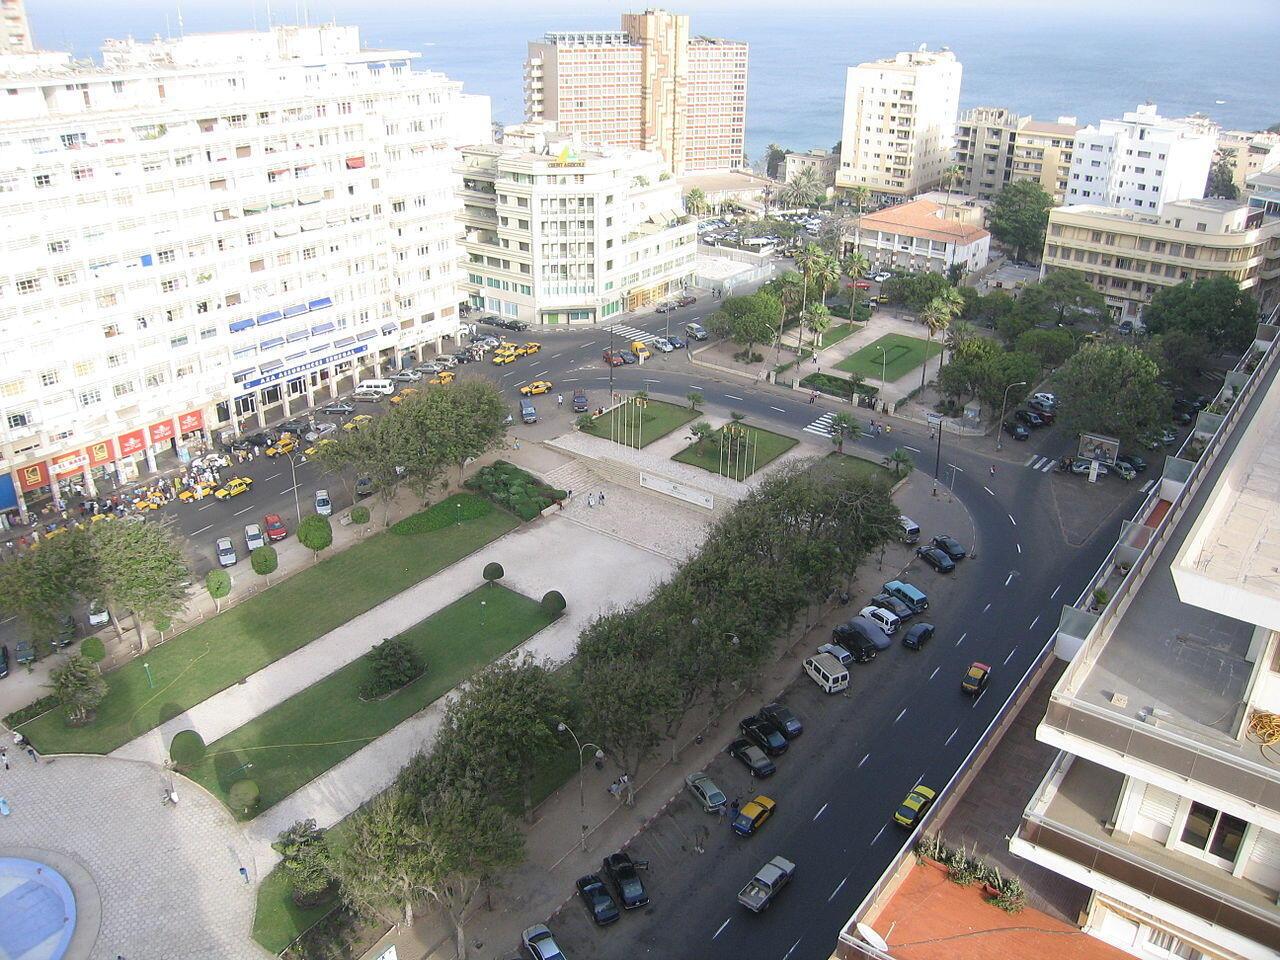 Fuwaar (weño) Dakar (Natal yeru).